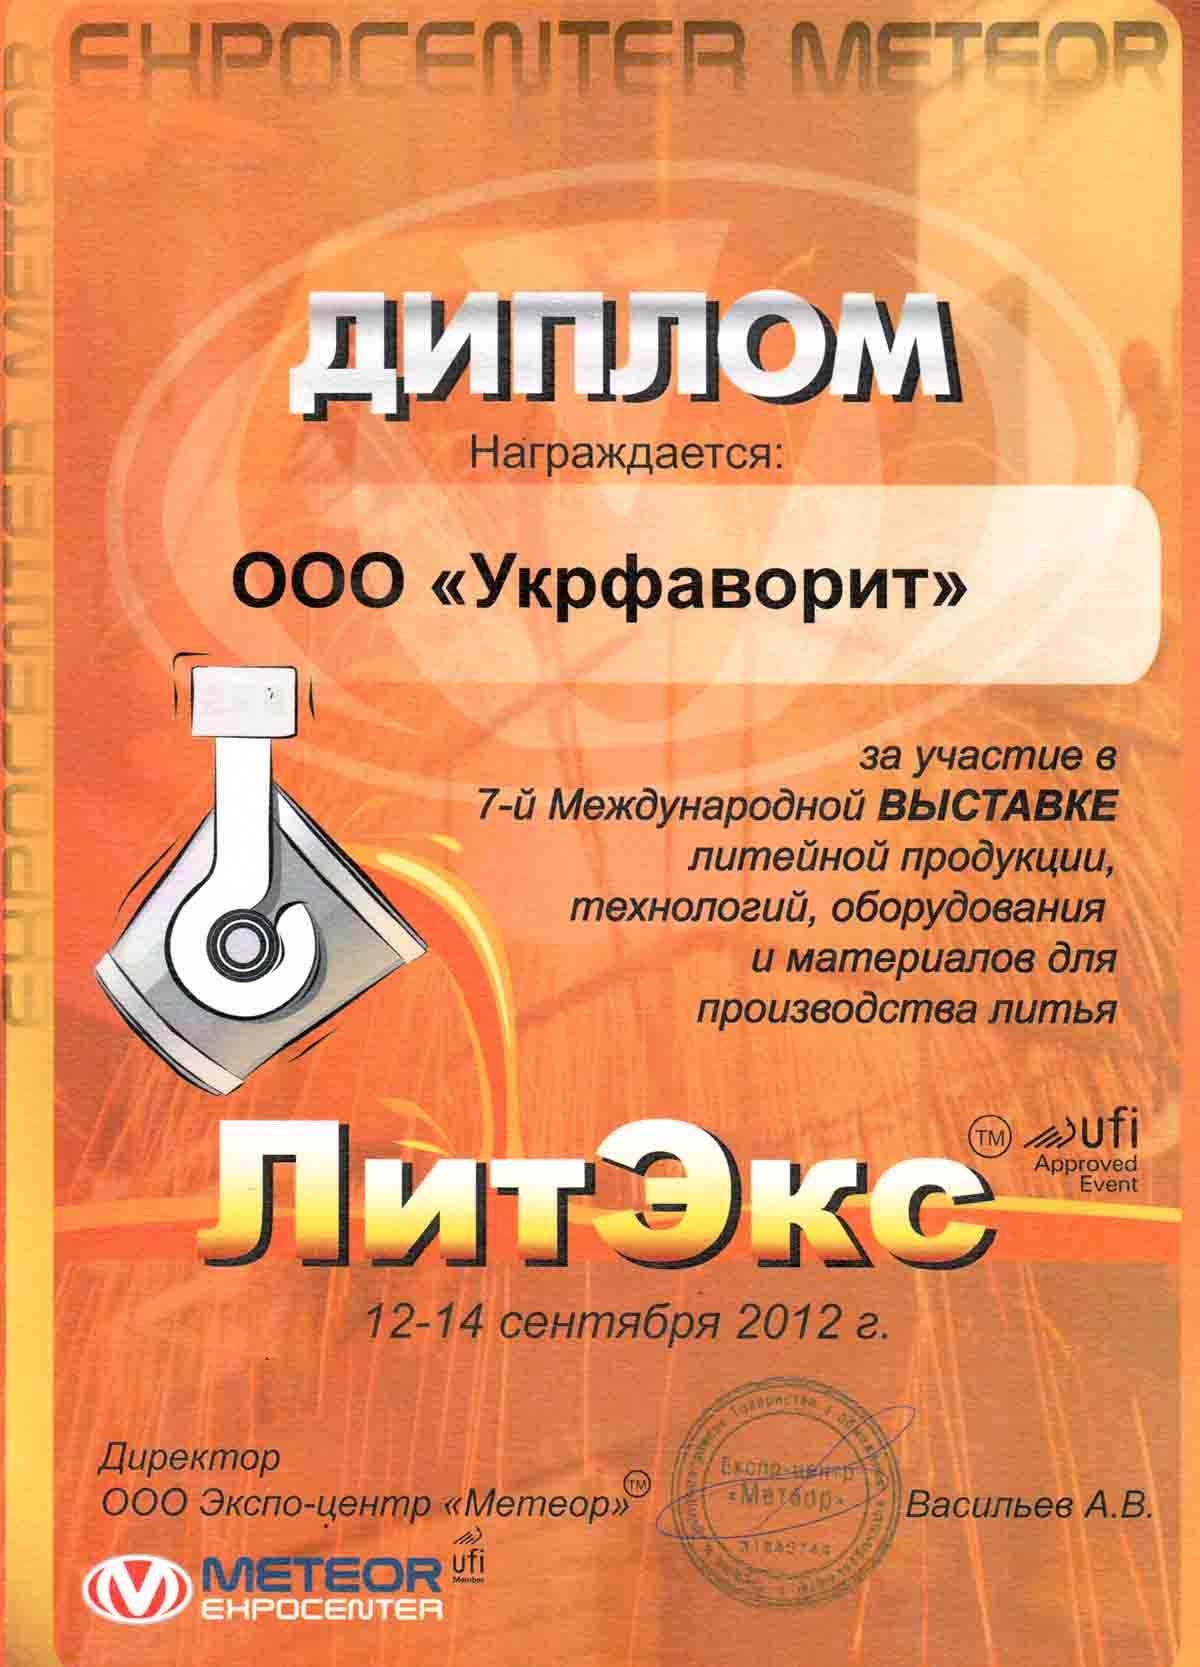 Диплом учасника выставки ЛИТЭКС 2012 г. Днепропетровск